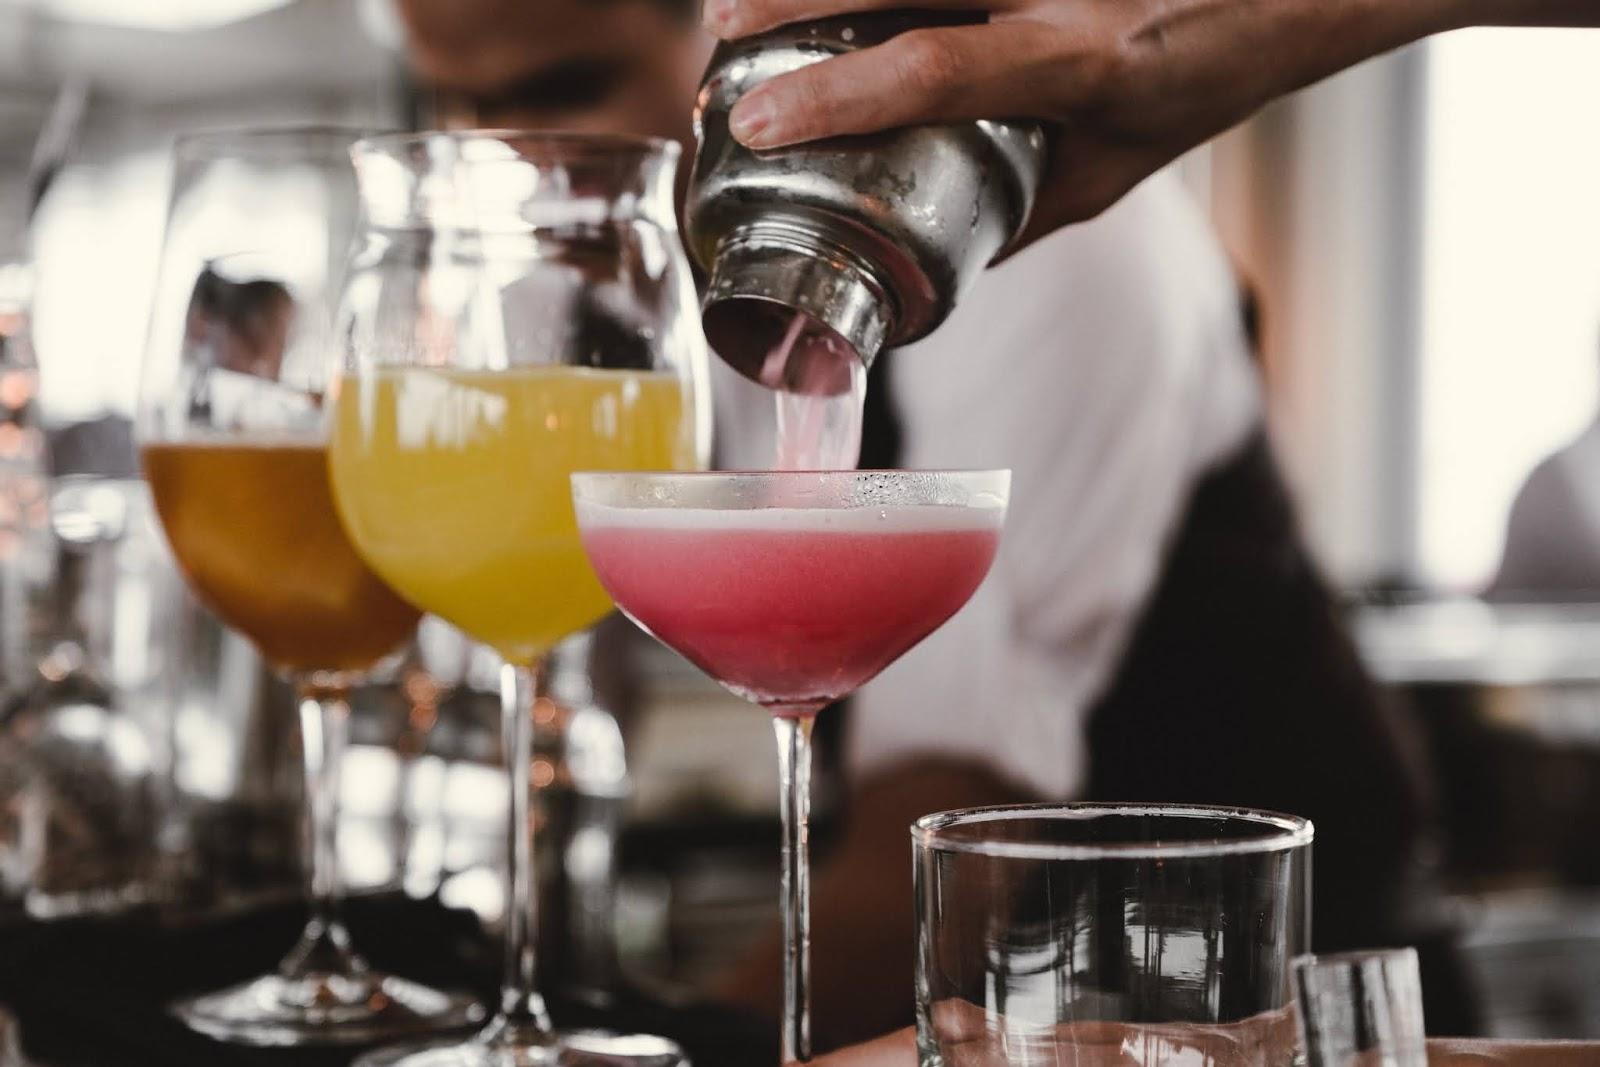 Χαριστική βολή για την Ξάνθη το κλείσιμο των μπαρ – εστιατορίων μετά τις 12